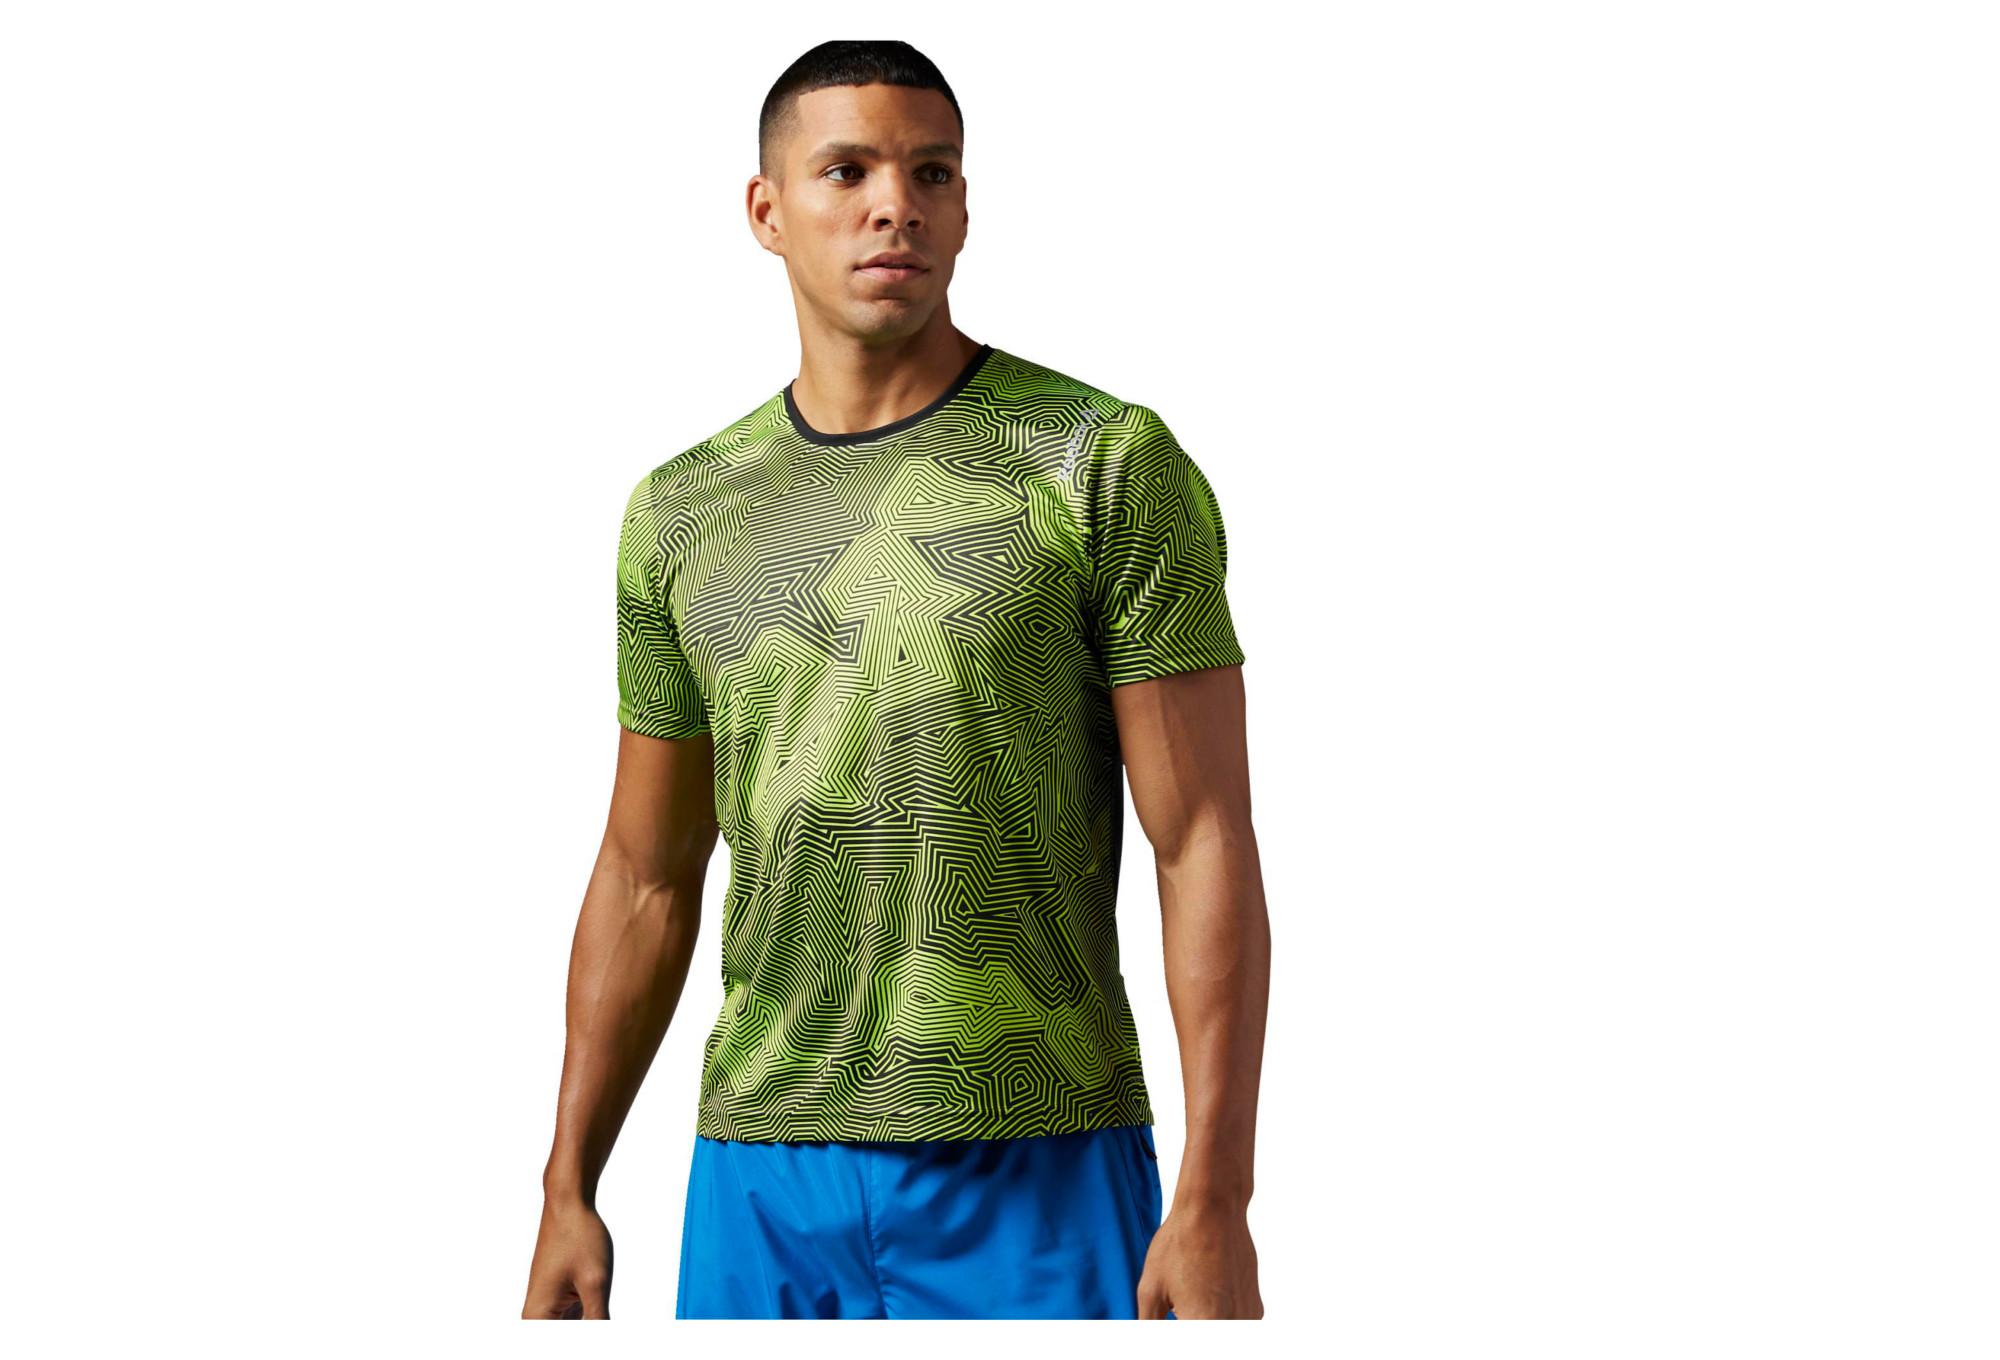 00e29cbca043 REEBOK 2016 Running T-Shirt Short Sleeve ESSENTIALS Green Grey ...